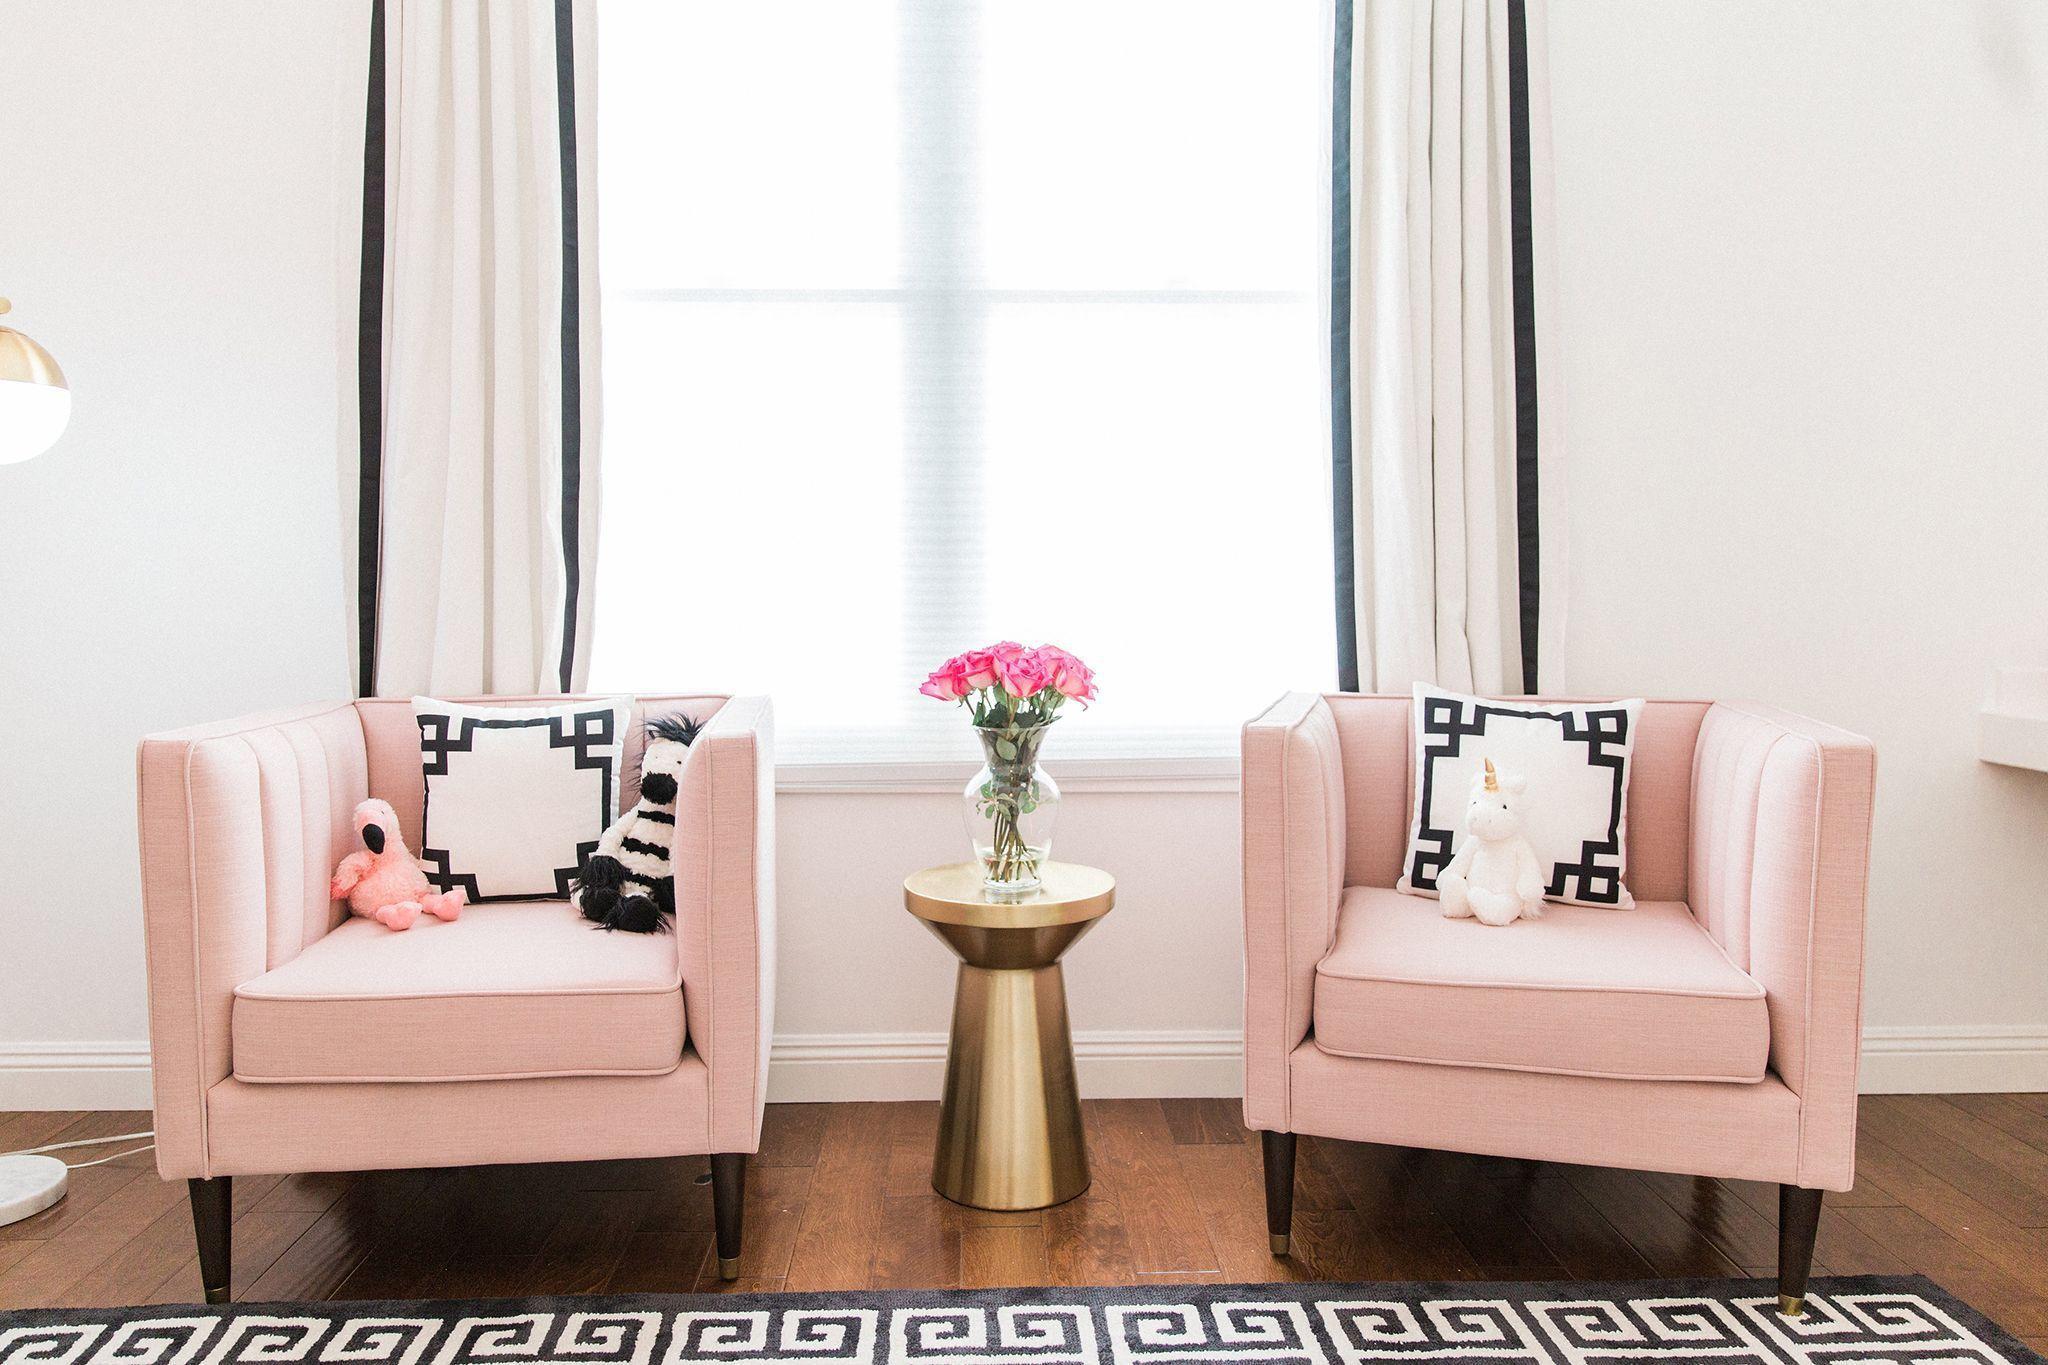 Projekt Kinderzimmer Schwarz, Weiß und Pink Hollywood